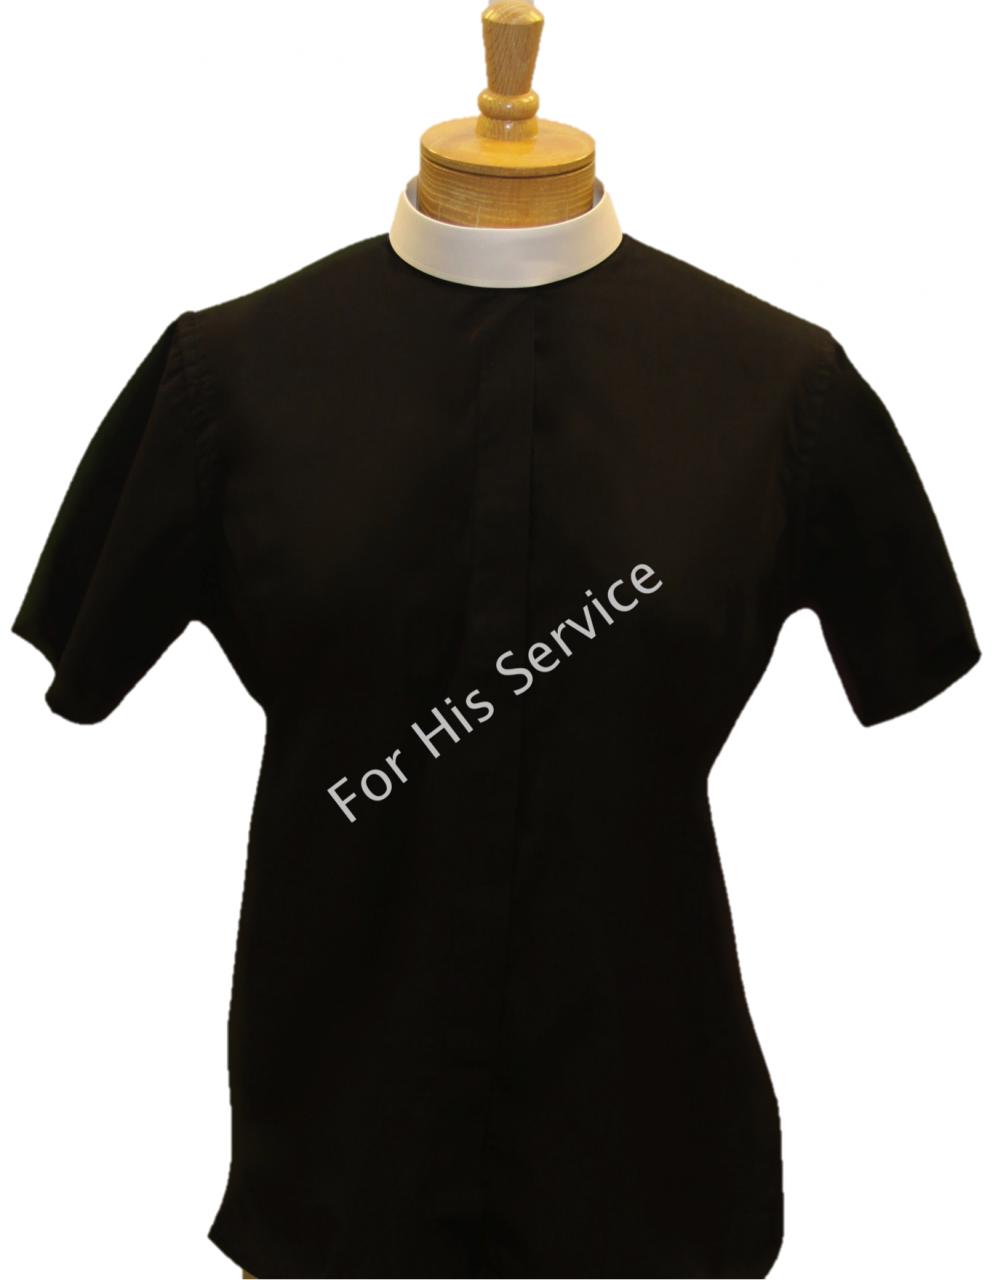 651. Women's Short-Sleeve (Banded) Full-Collar Clergy Shirt - Black